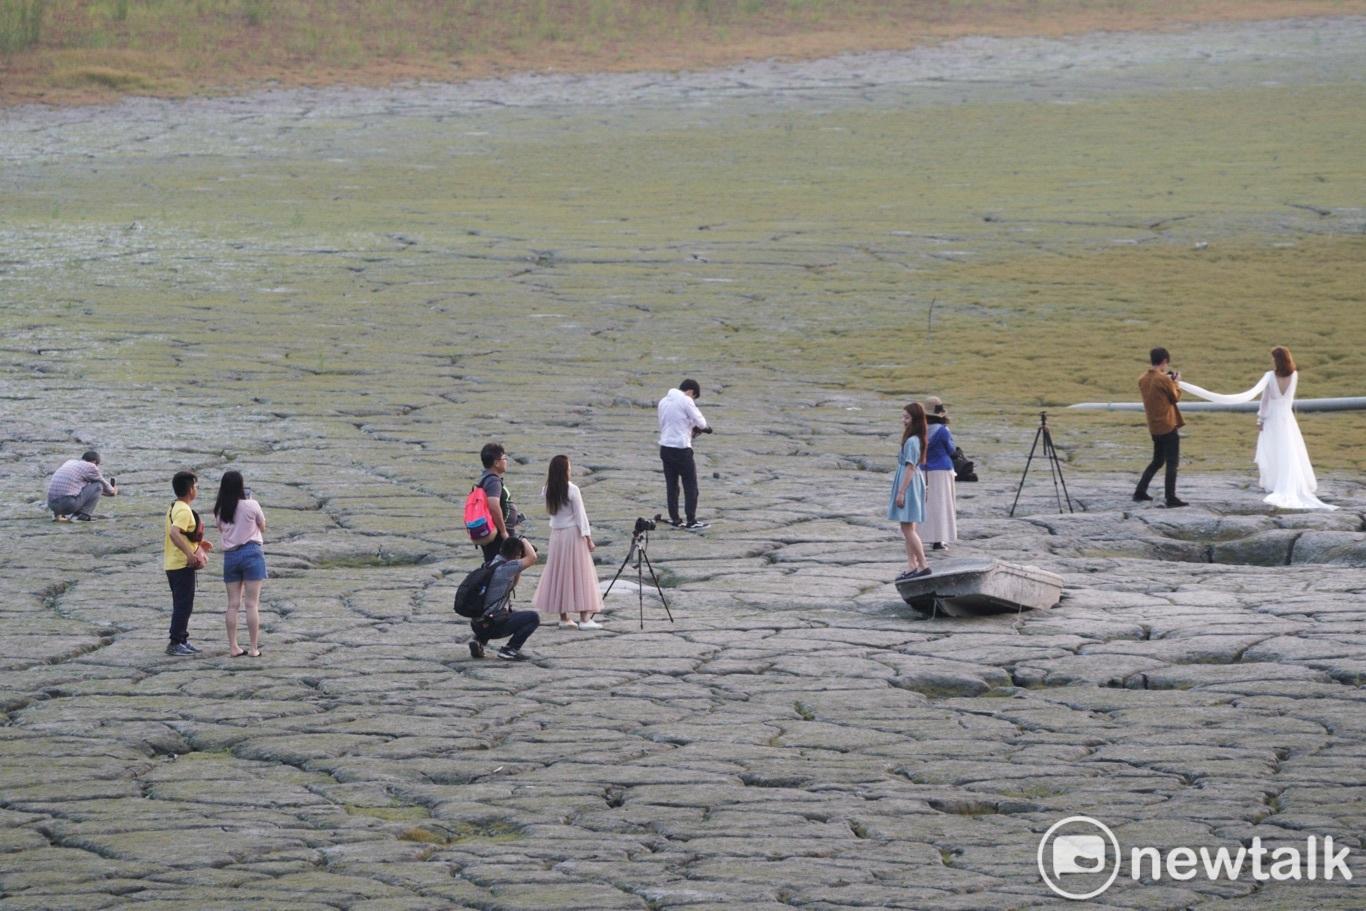 日月潭大竹湖進水口一帶湖底裸露、白色的枯木浮現、淤泥龜裂甚至長出青草,乾旱的湖底奇觀,因IG網美照瞬間變成網美爆紅景點,民眾爭相拍網美照,場景超現實,凸顯旱象的荒謬現象。圖:張良一/攝